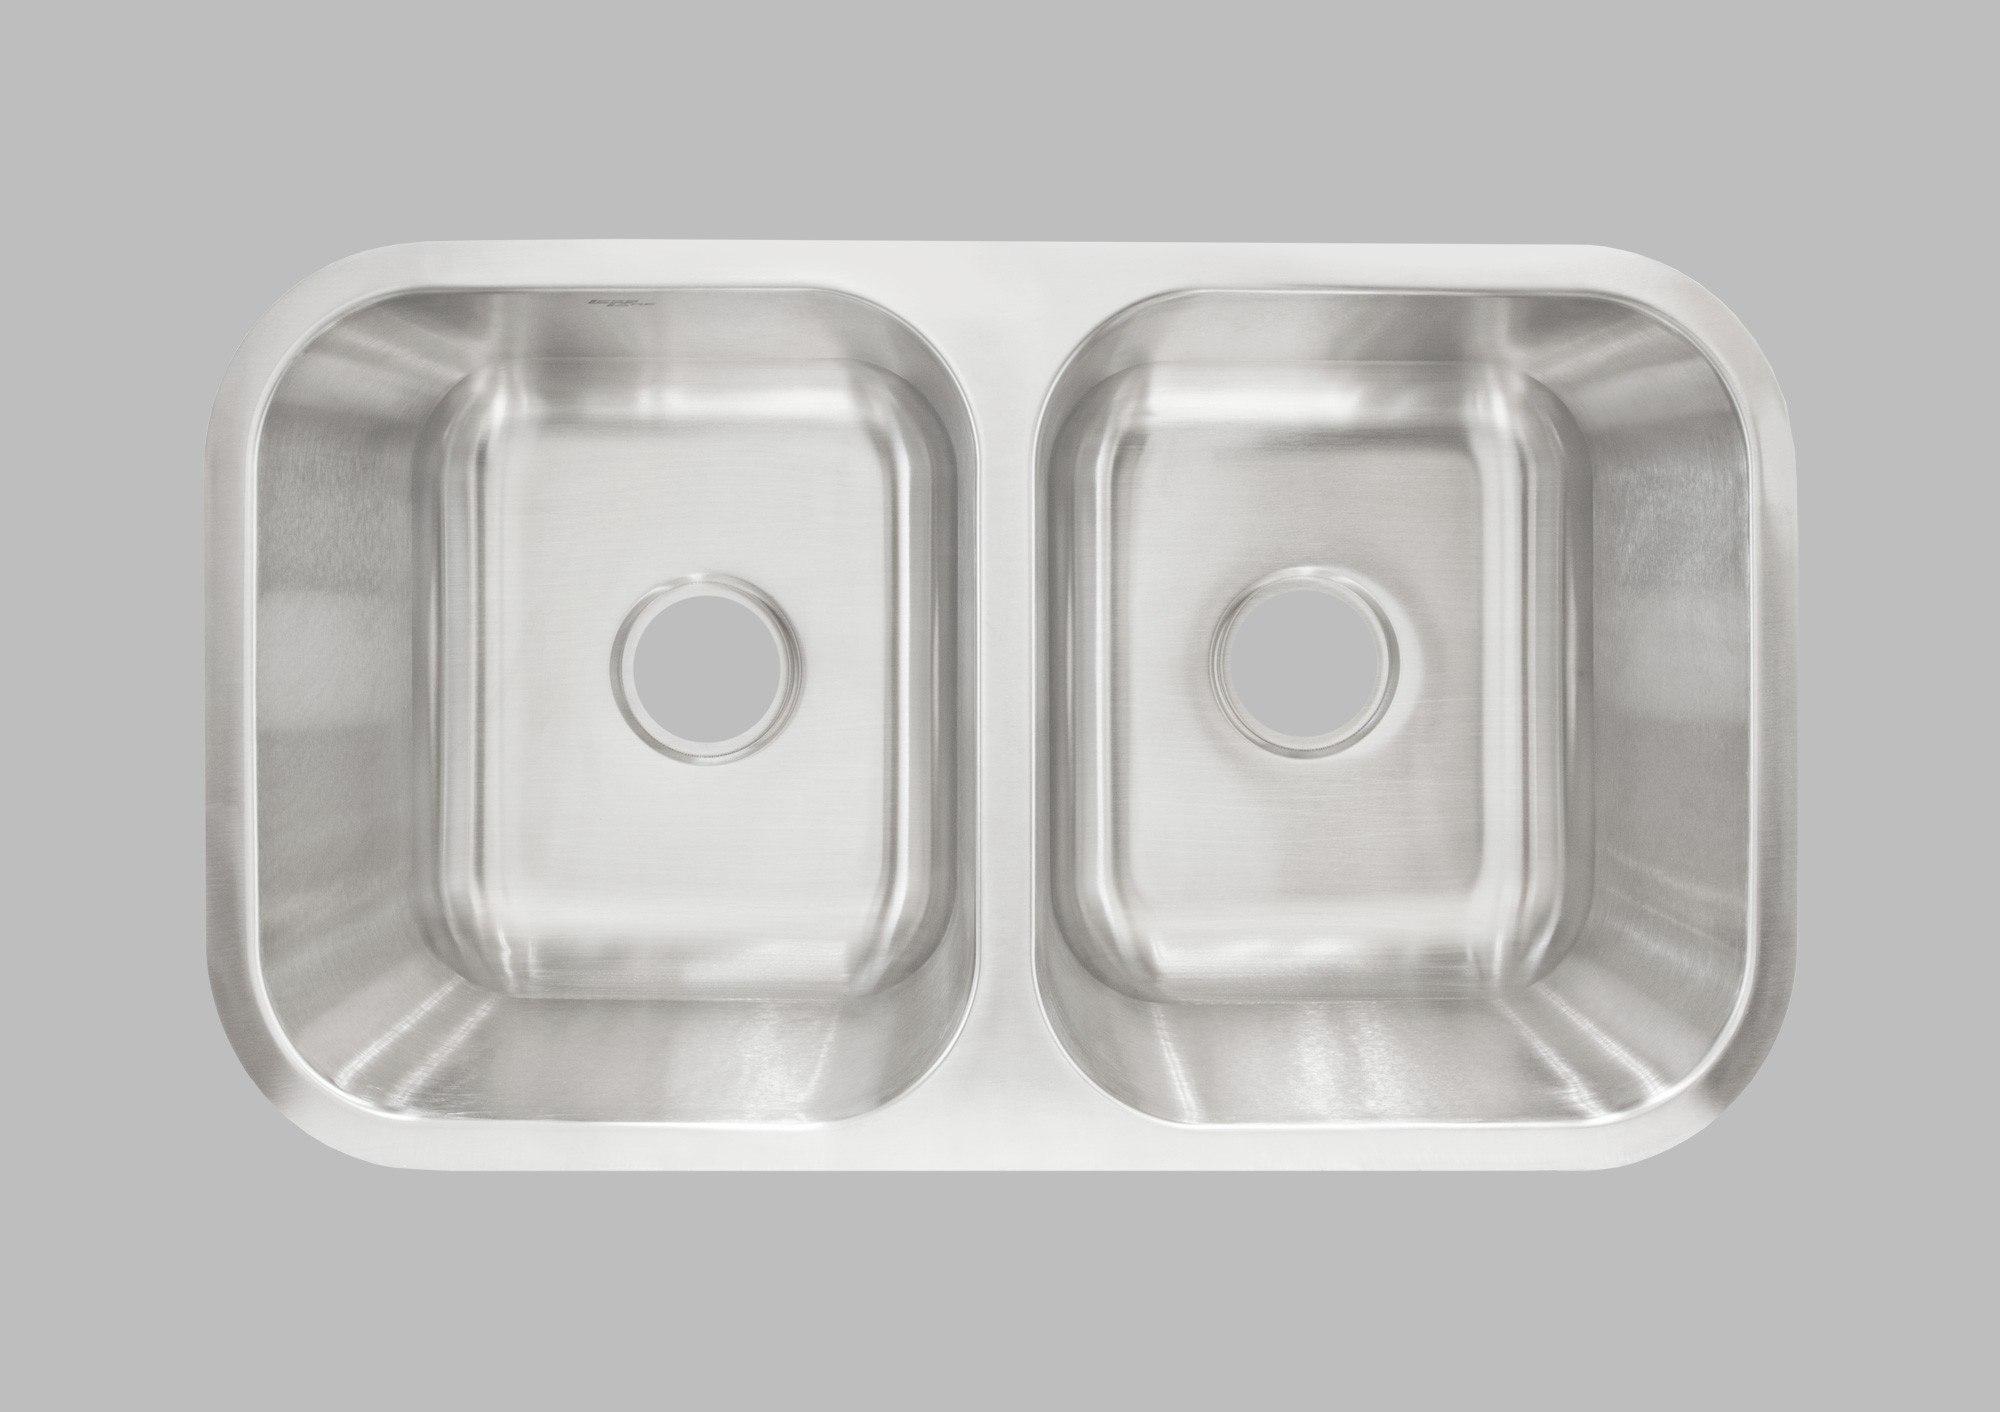 Kitchen Sinks For Less kitchen sinks kitchen sink undermount sinks topmount sinks apron